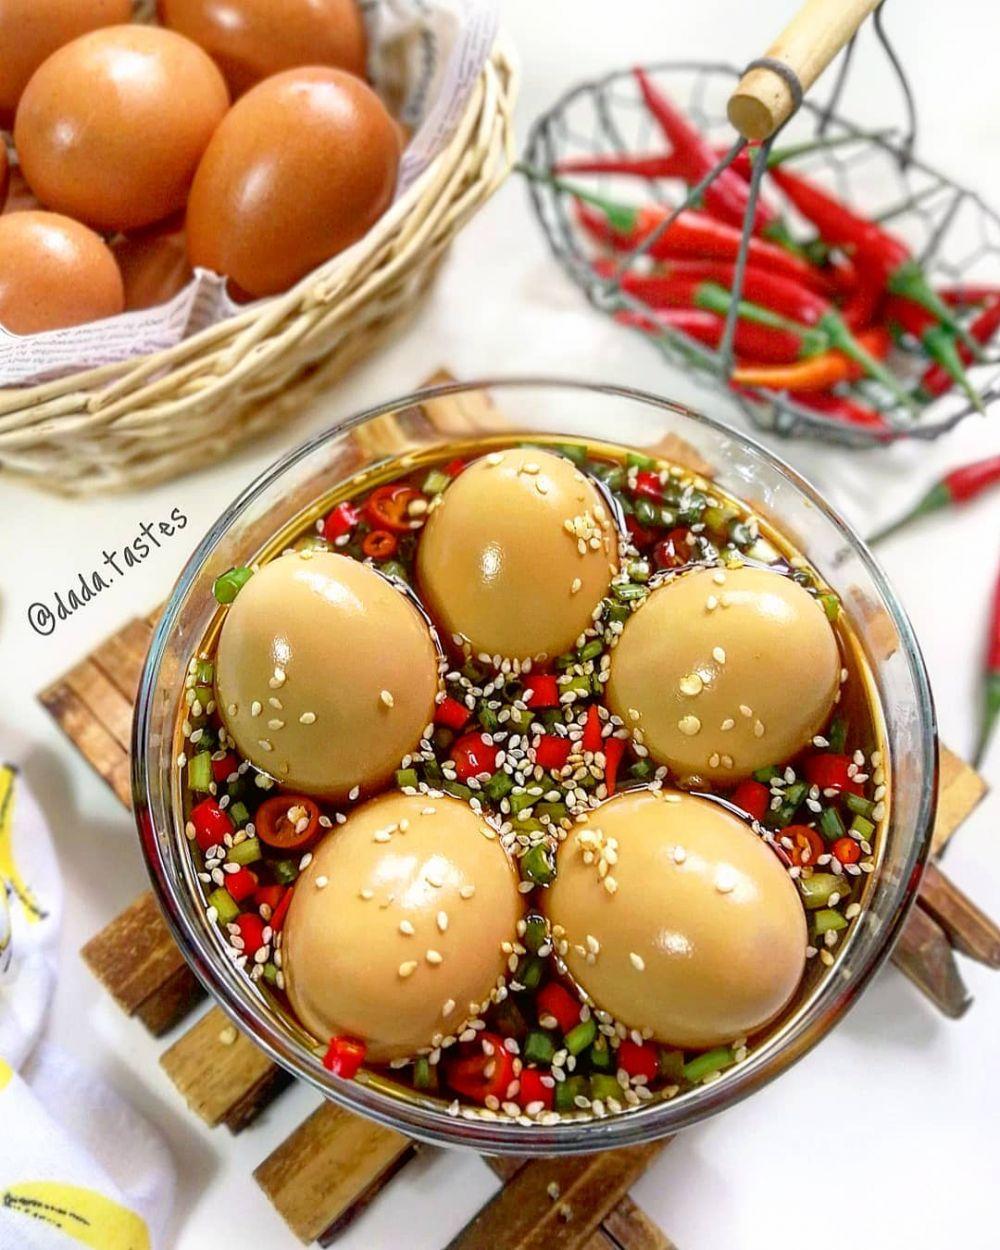 resep telur beraneka macam instagram